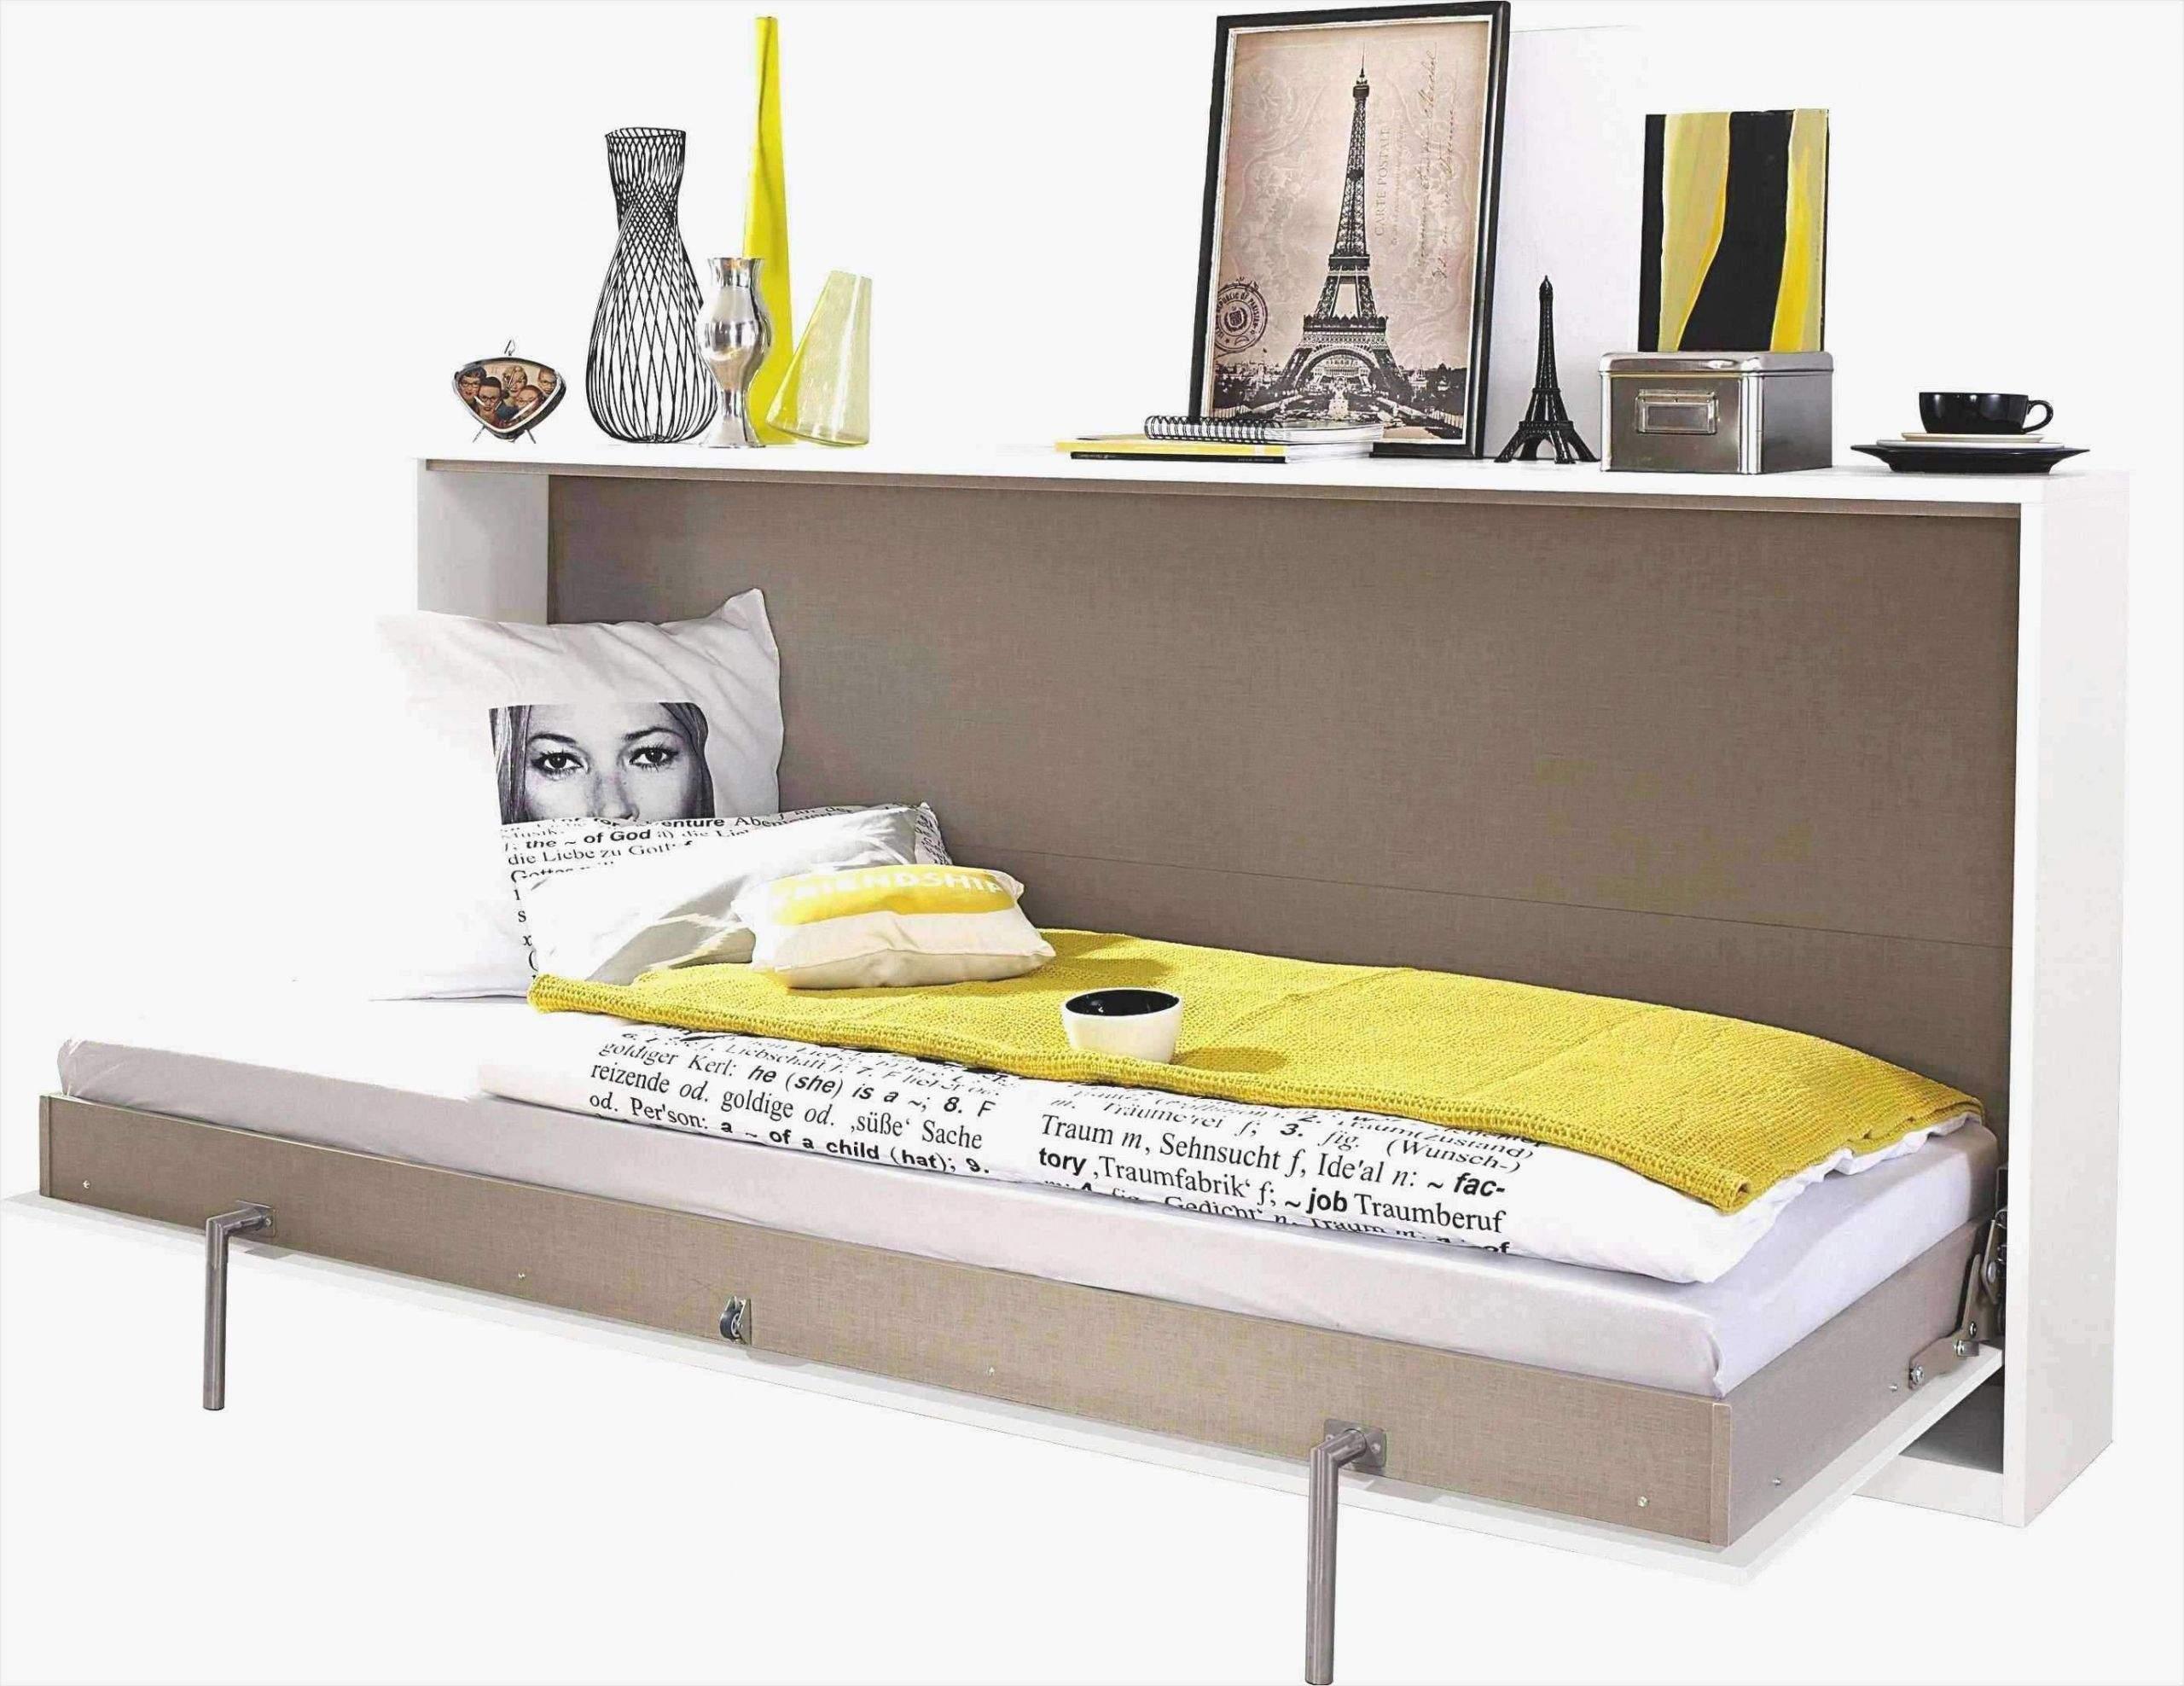 bilder fur wohnzimmer design einzigartig 45 tolle von bilder fur wohnzimmer design konzept of bilder fur wohnzimmer design 1 scaled